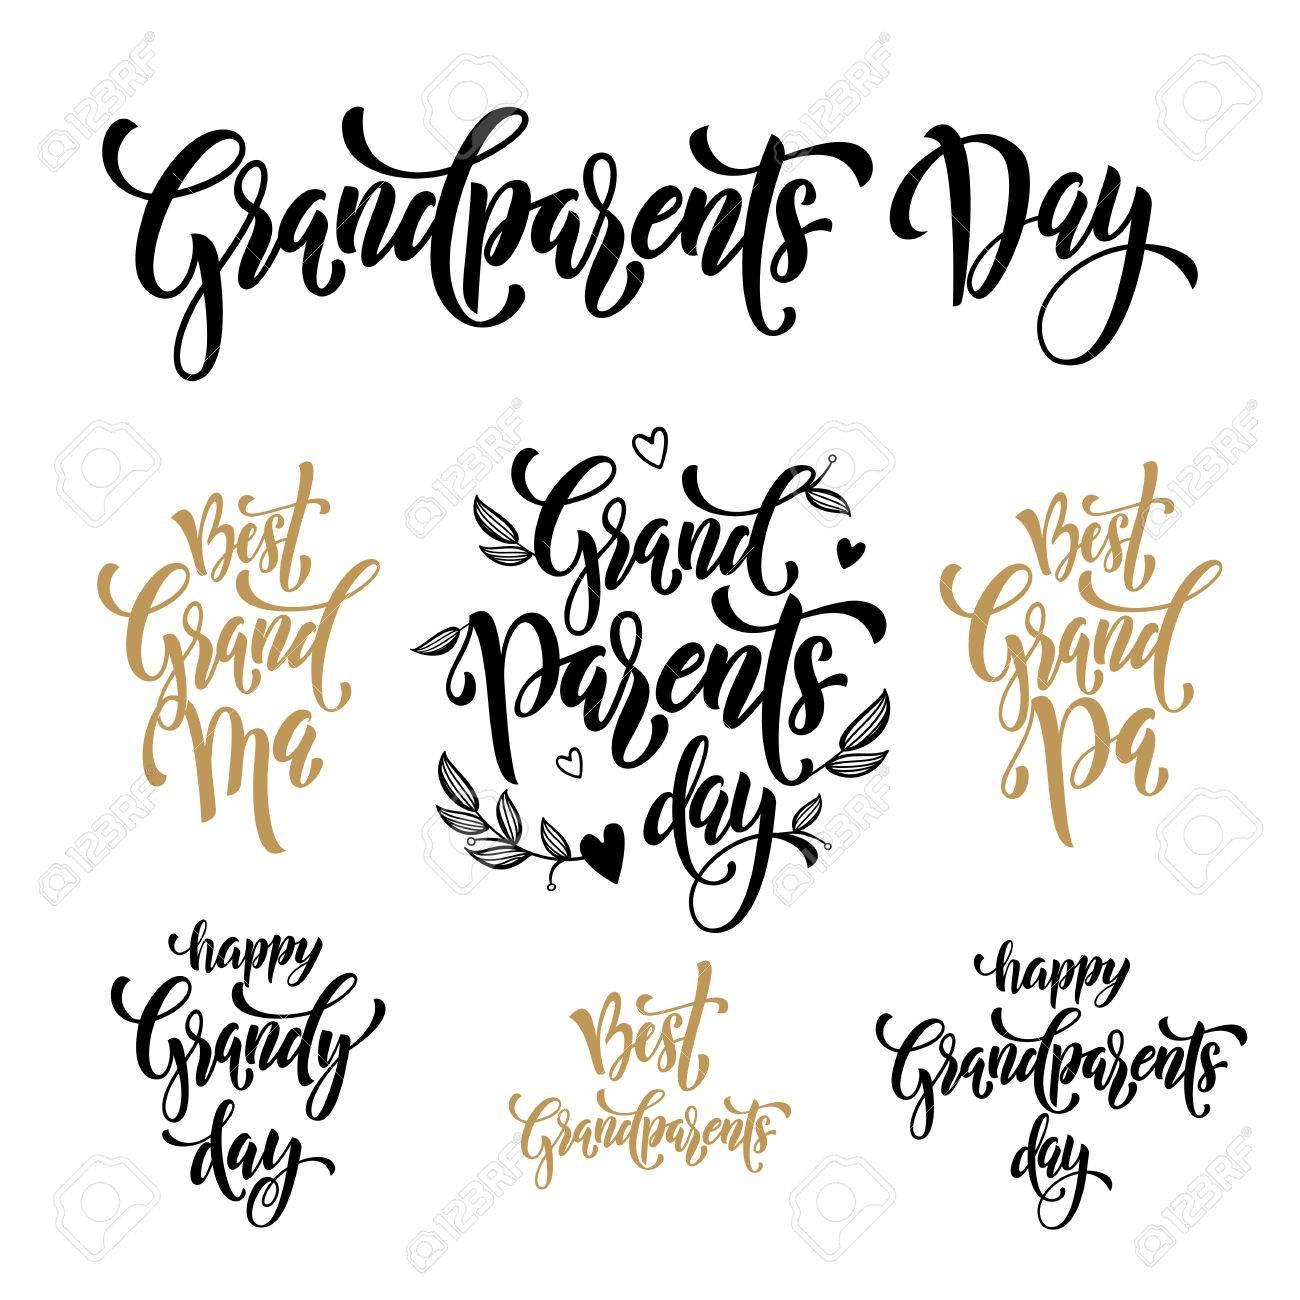 Letras Feliz Día De Los Abuelos Artisitc Para El Abuelo, Tarjeta De ...